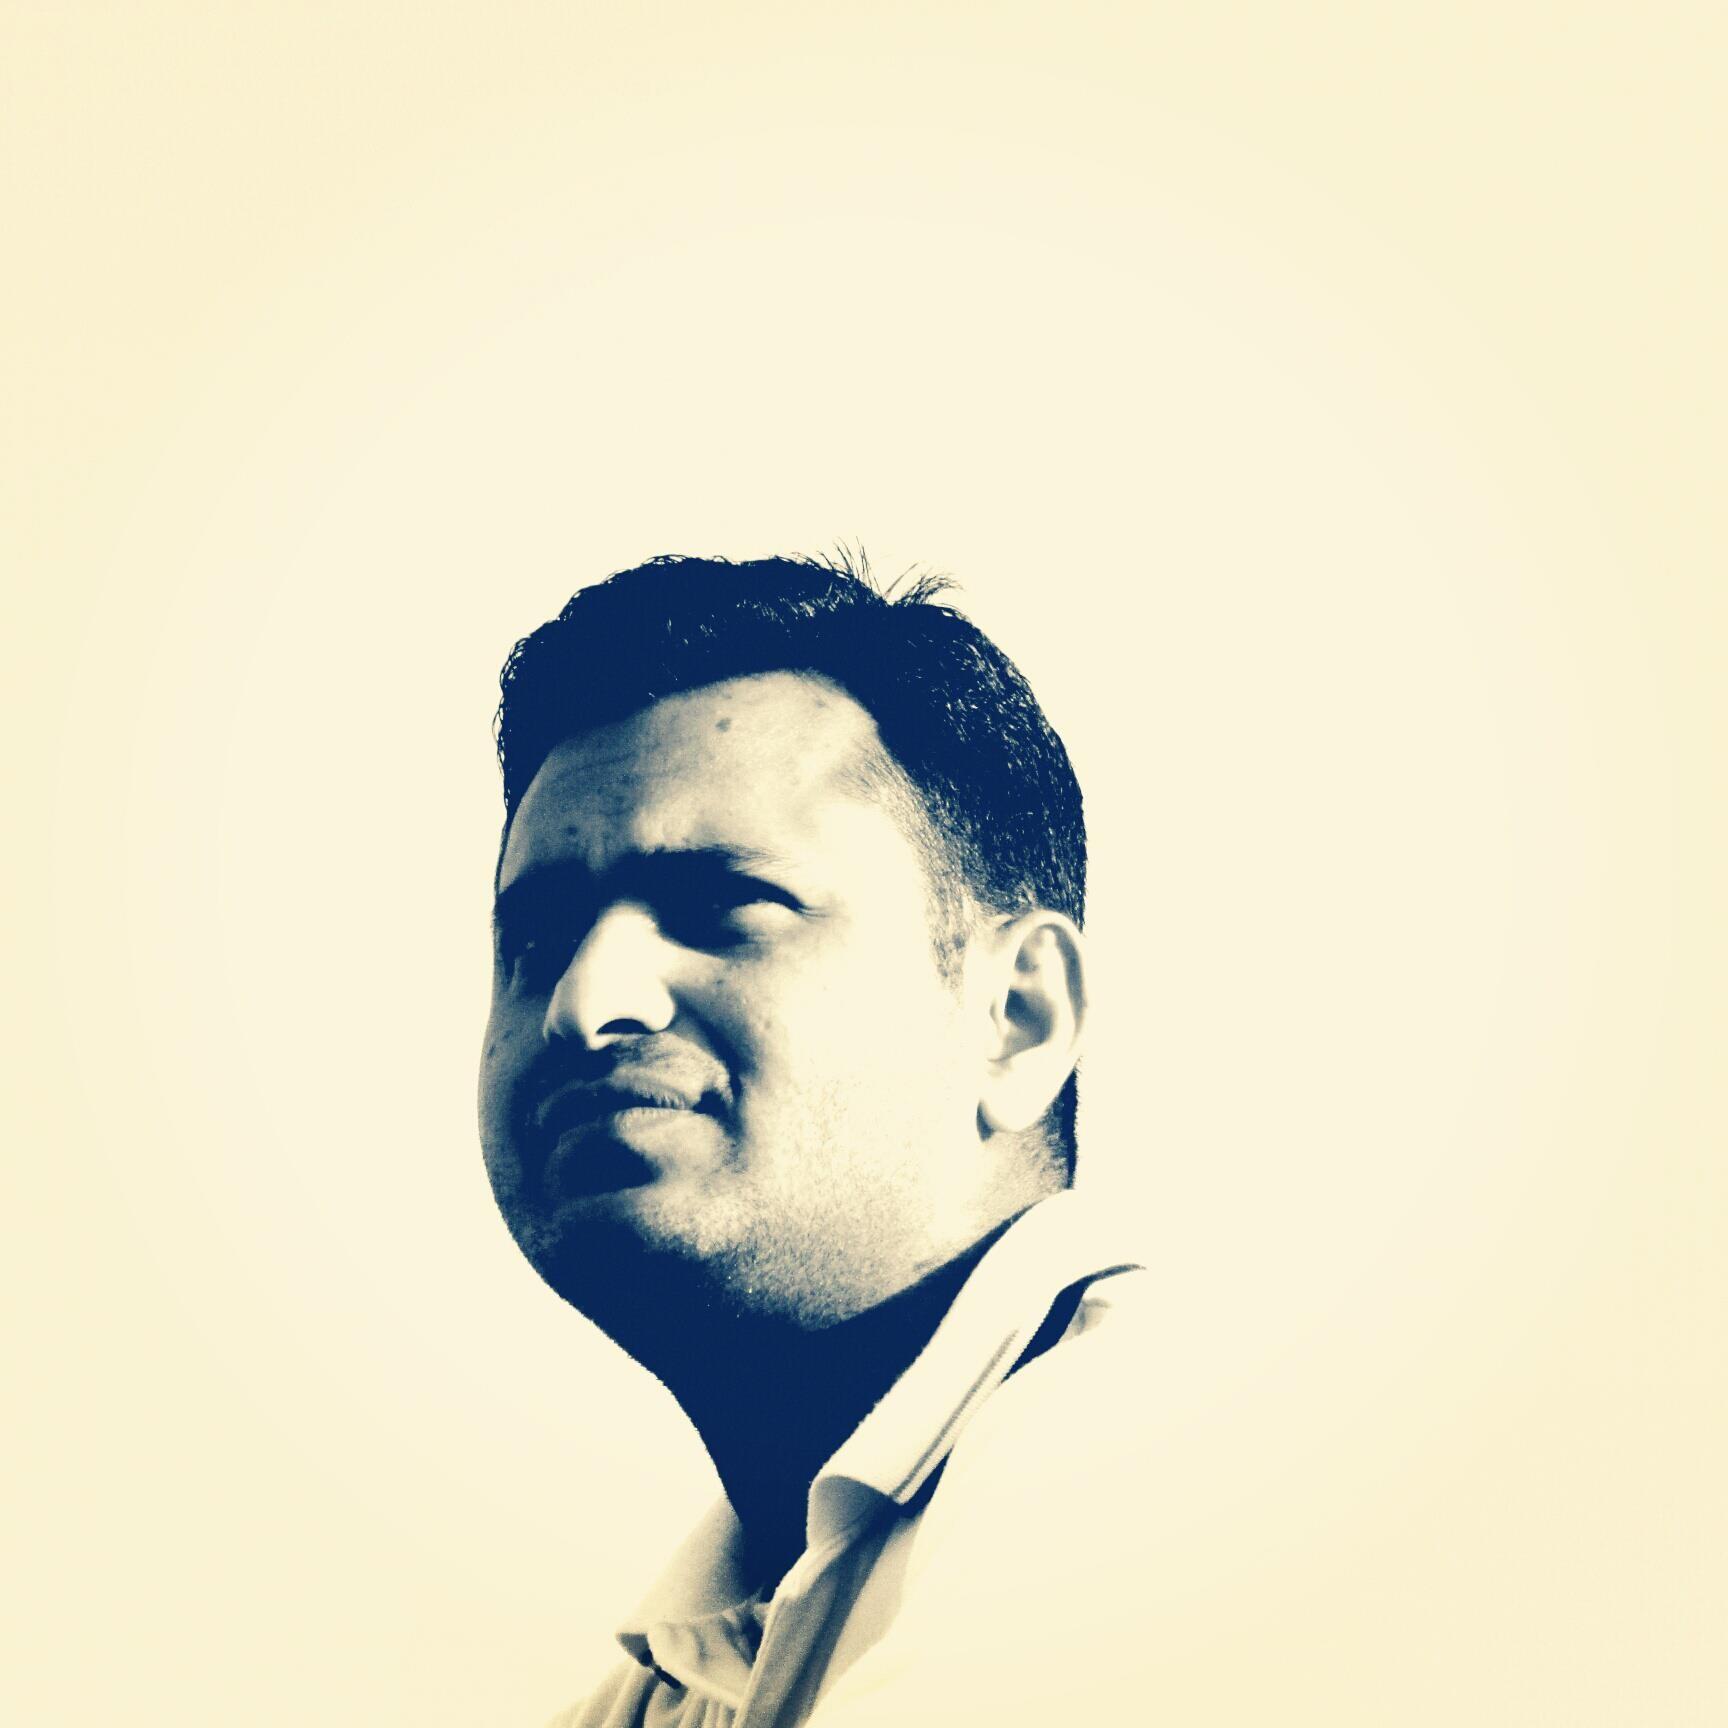 আবু শাকিল